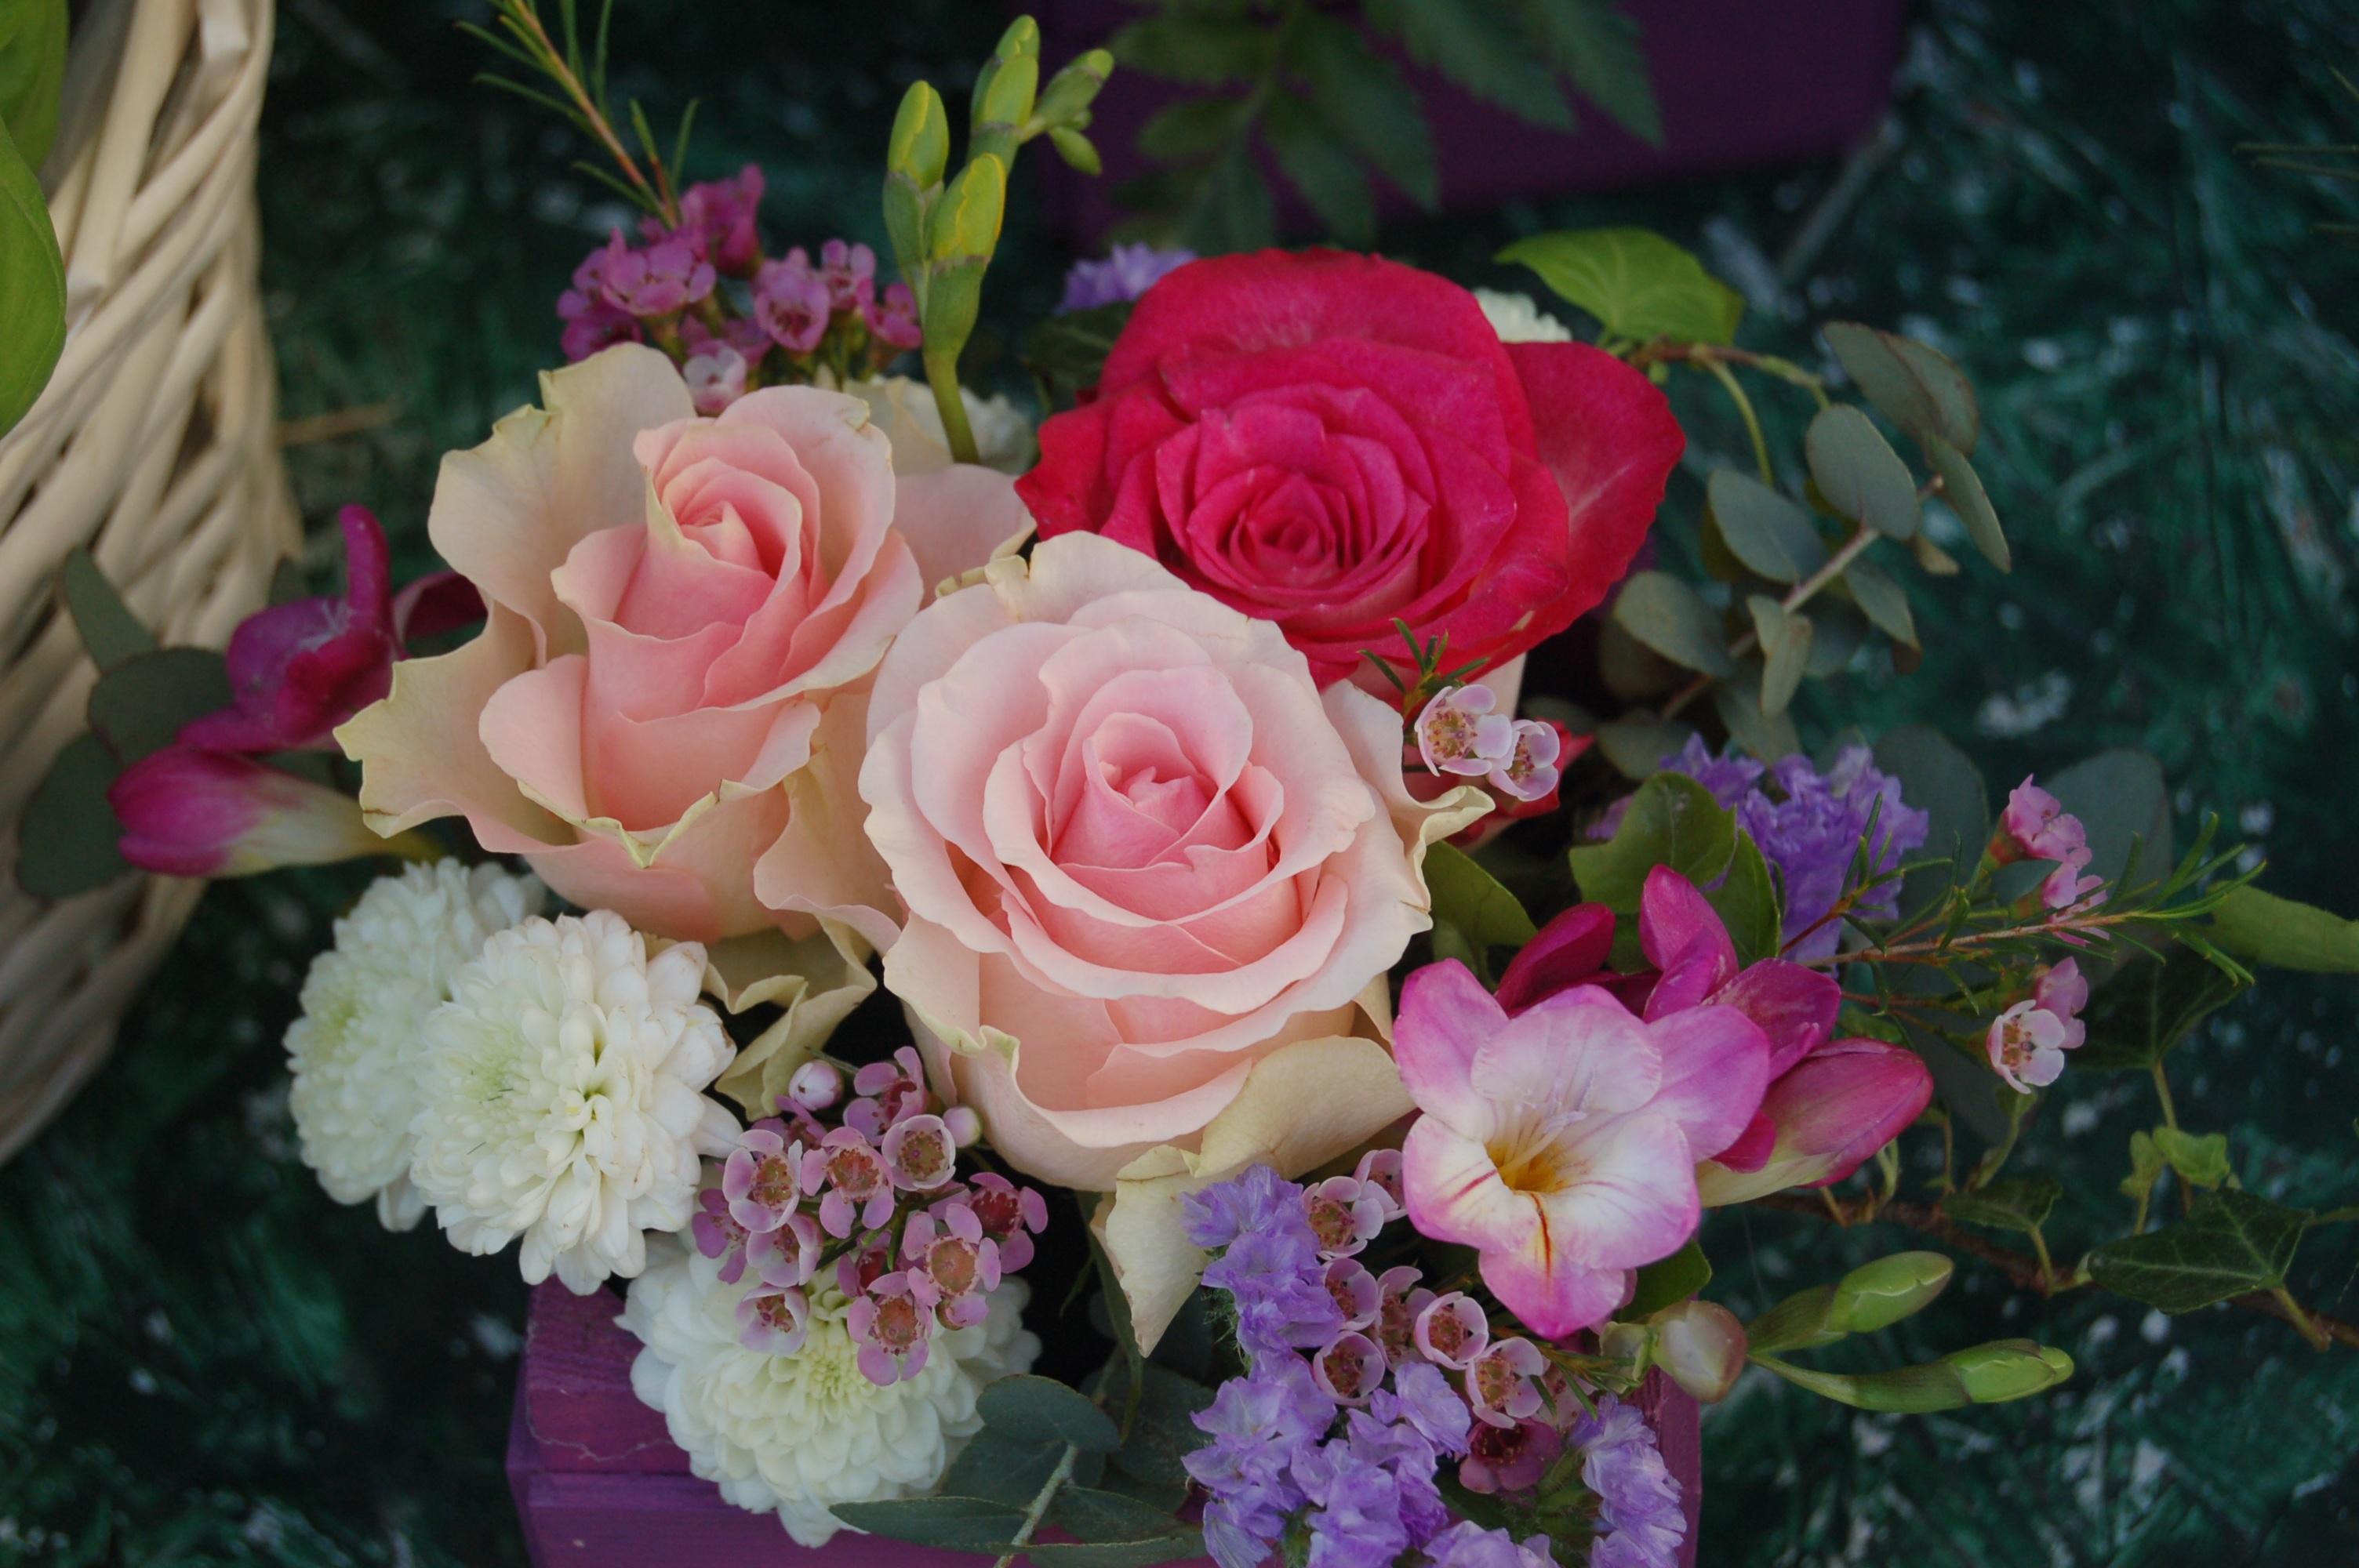 بالصور ورود جميلة , اجمل صور الورود فى العالم 500 3